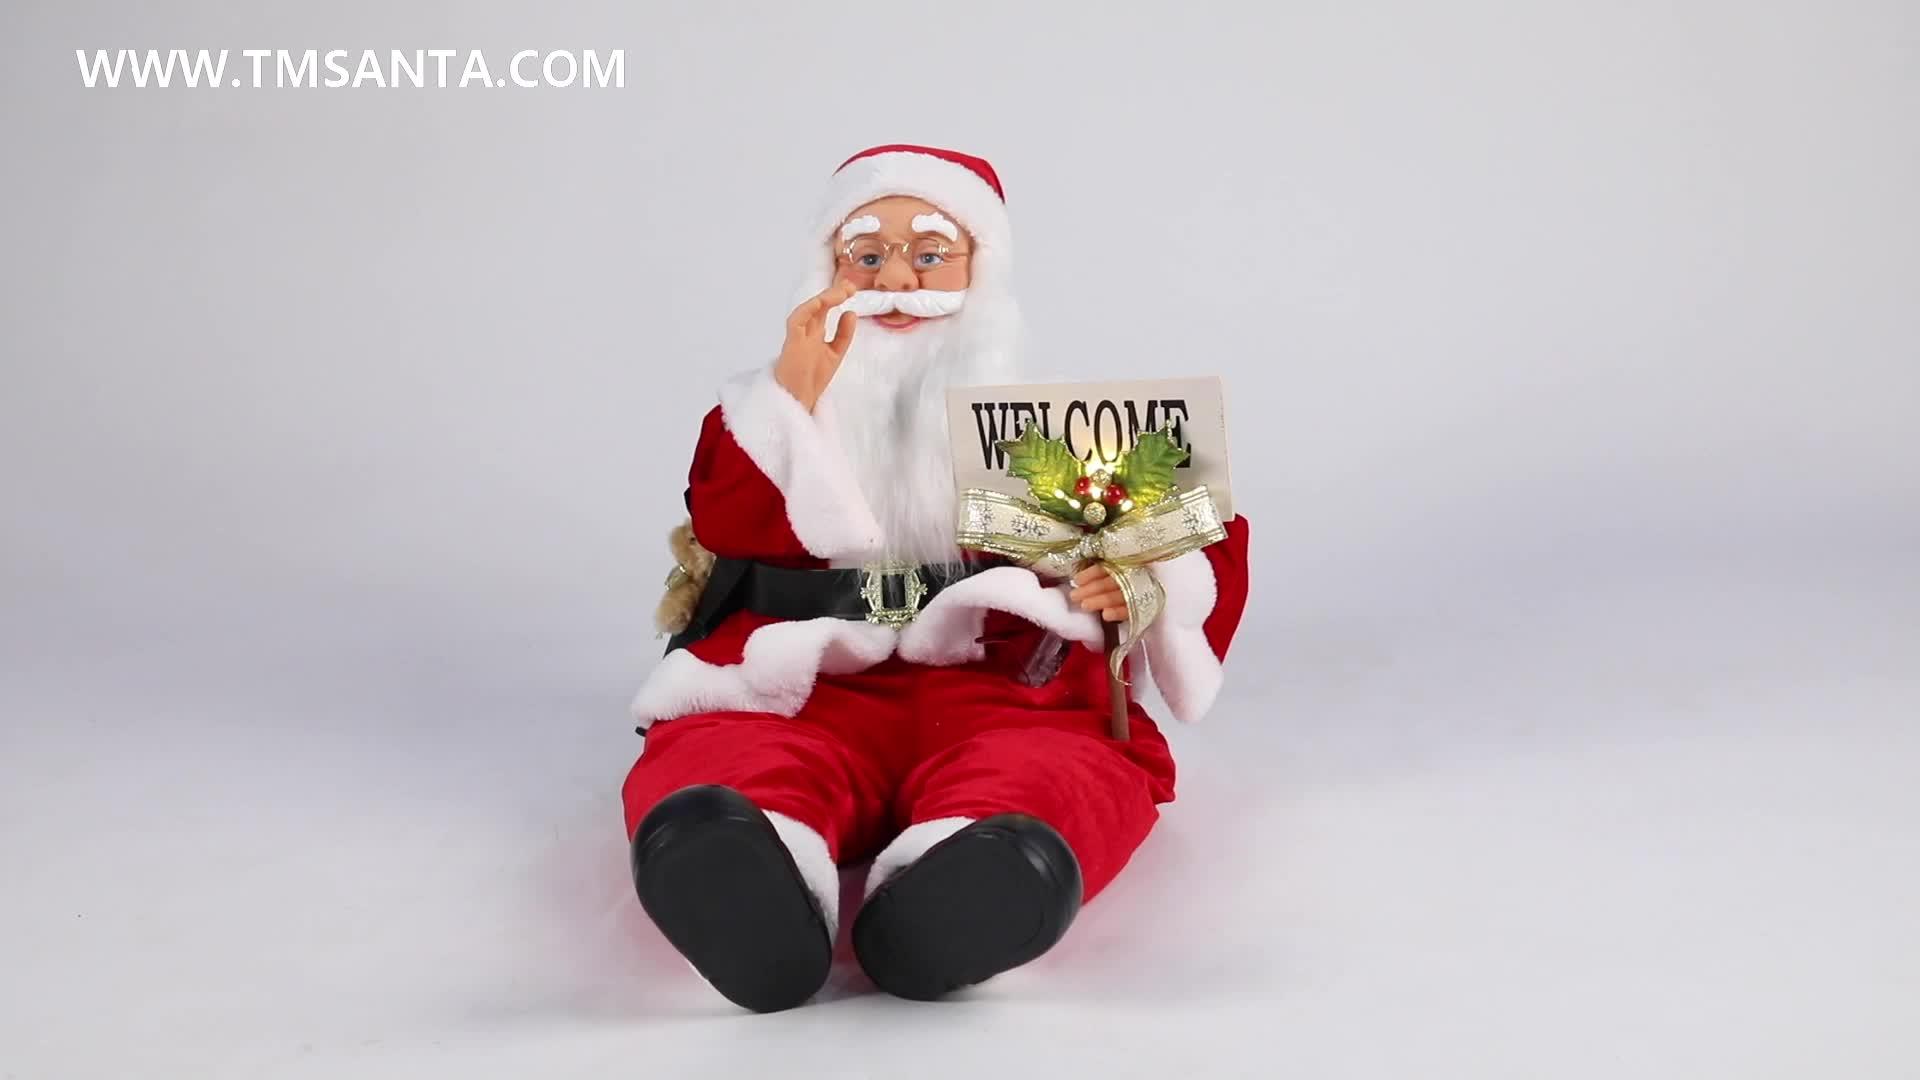 80cm 크리스마스 앉아 애니메이션 산타 클로스 조명 뮤지컬 장식 입상 컬렉션 전통 휴일